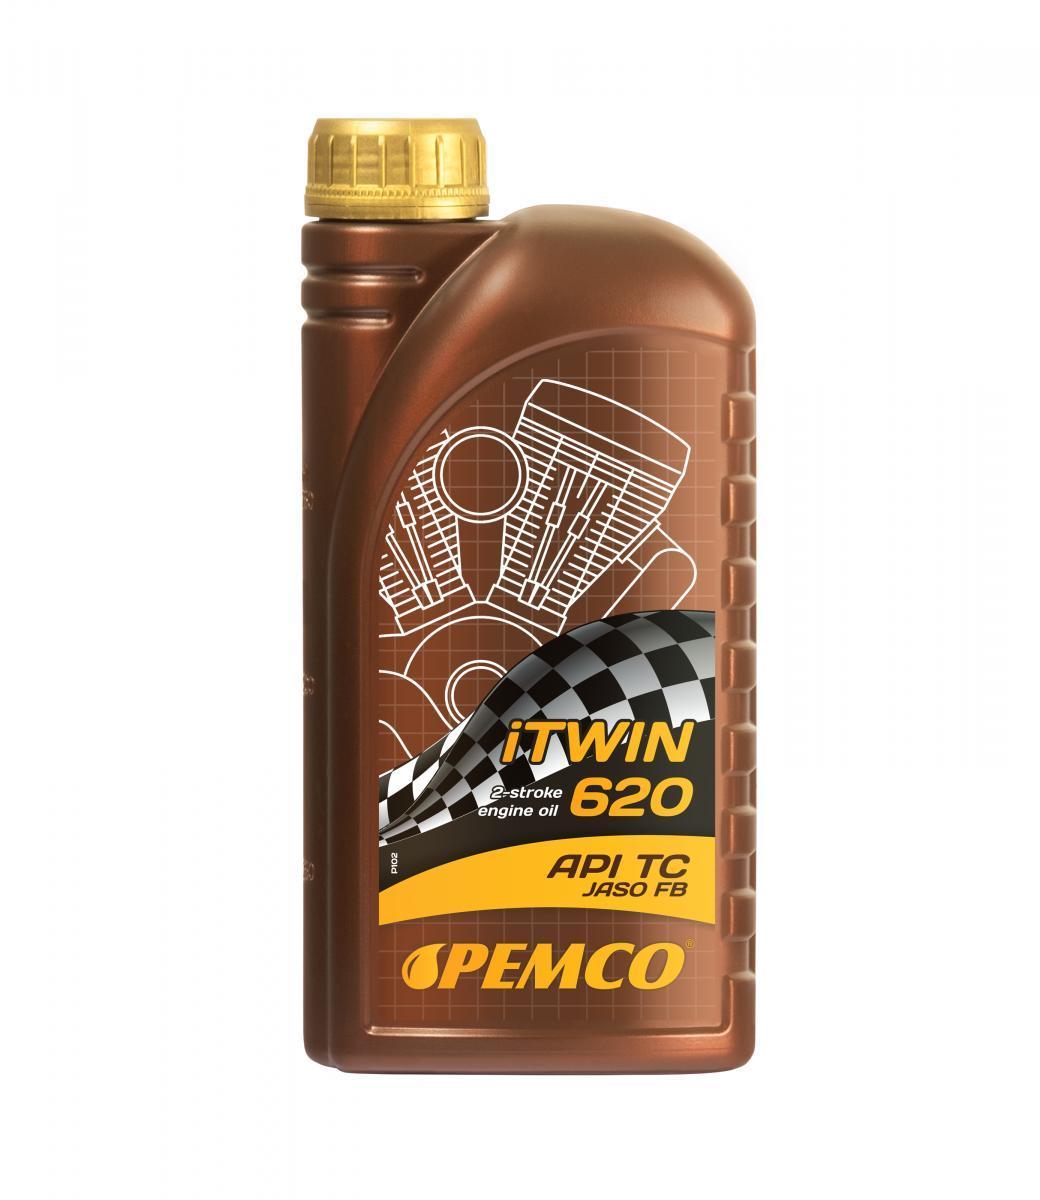 Двигателно масло PM0620-1 на ниска цена — купете сега!